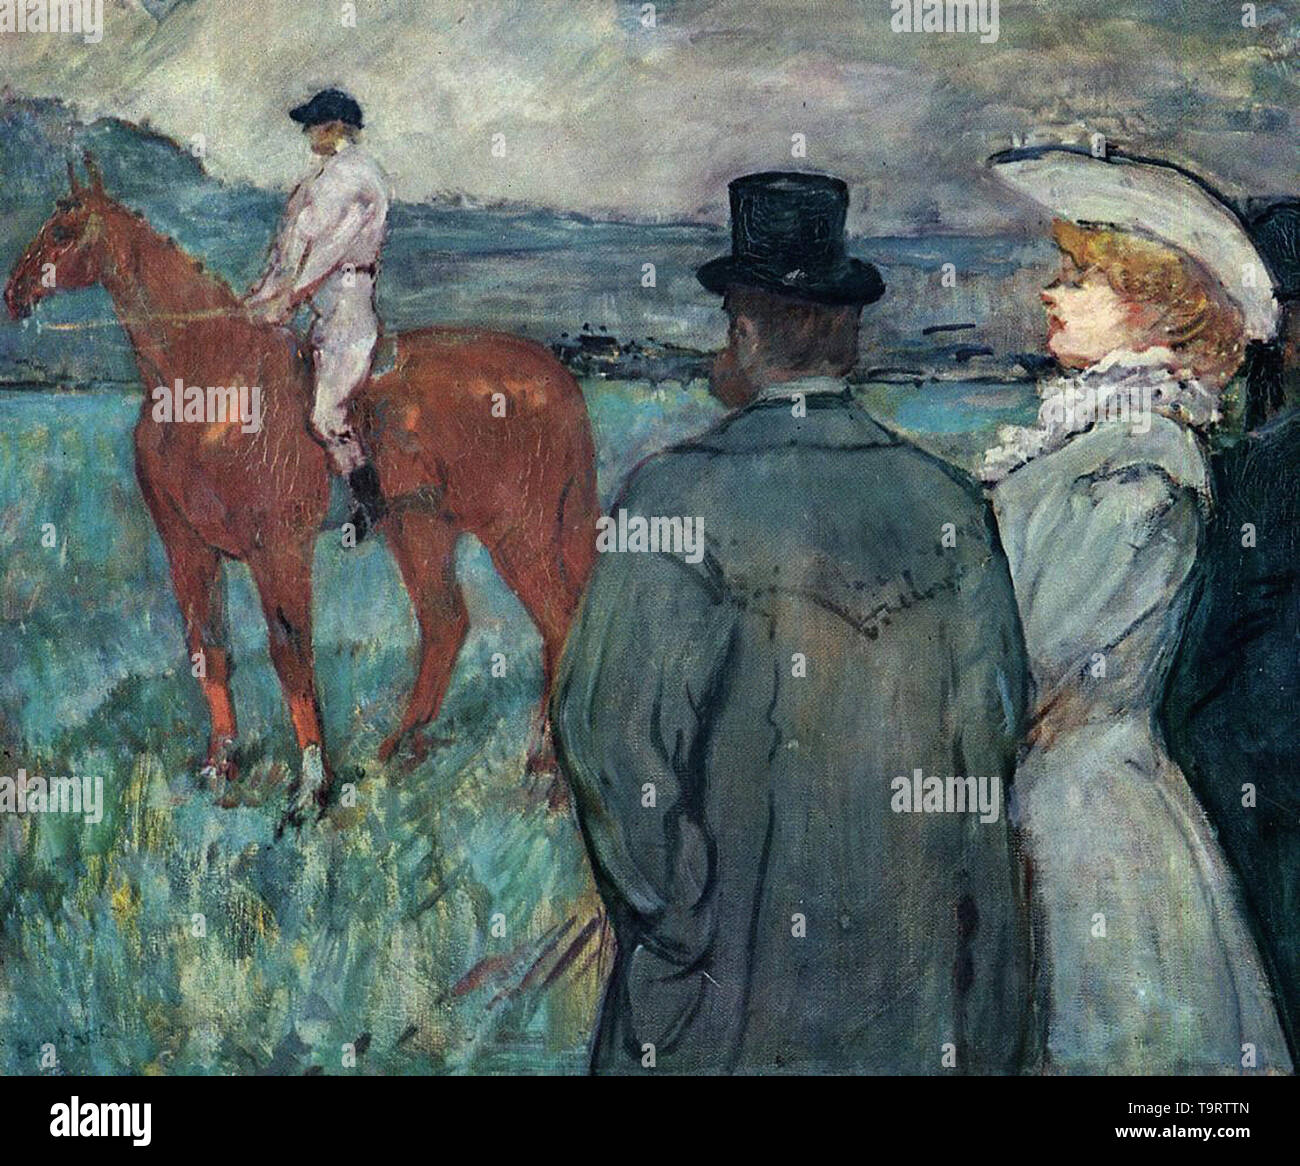 Henri de Toulouse-Lautrec - at races 1899 - Stock Image